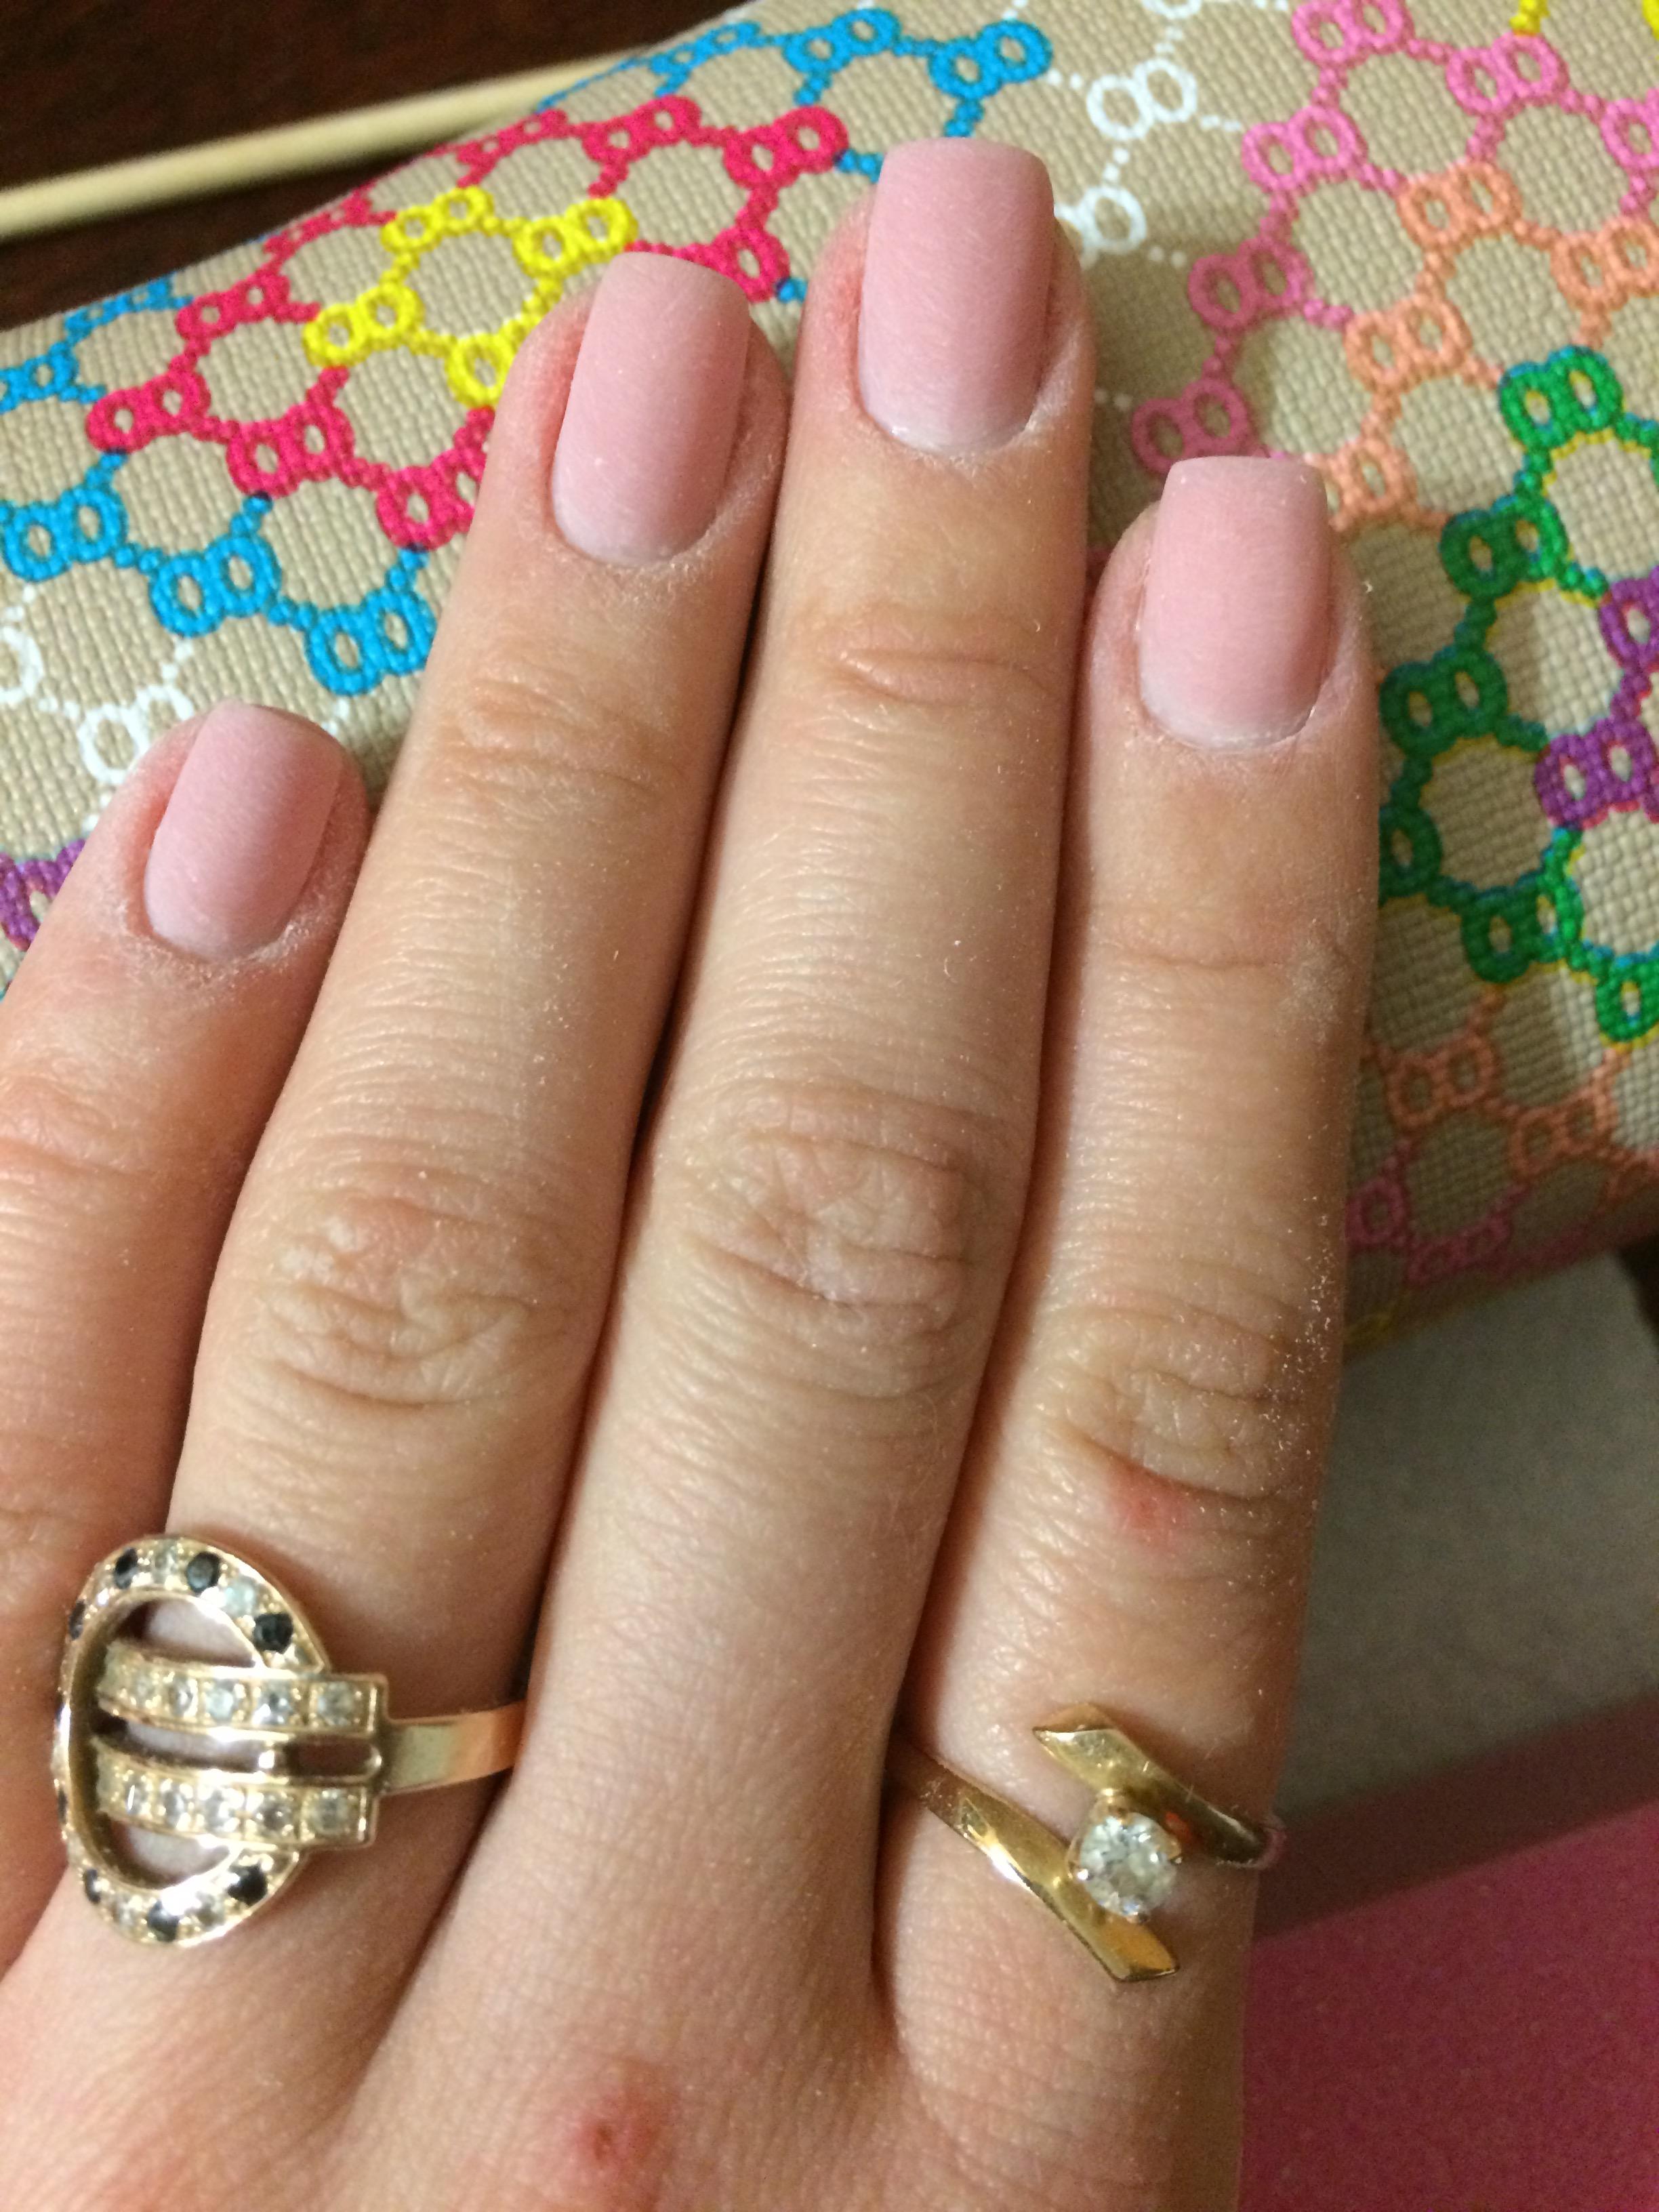 Ногти после коррекции гелем камуфляж под френч фото